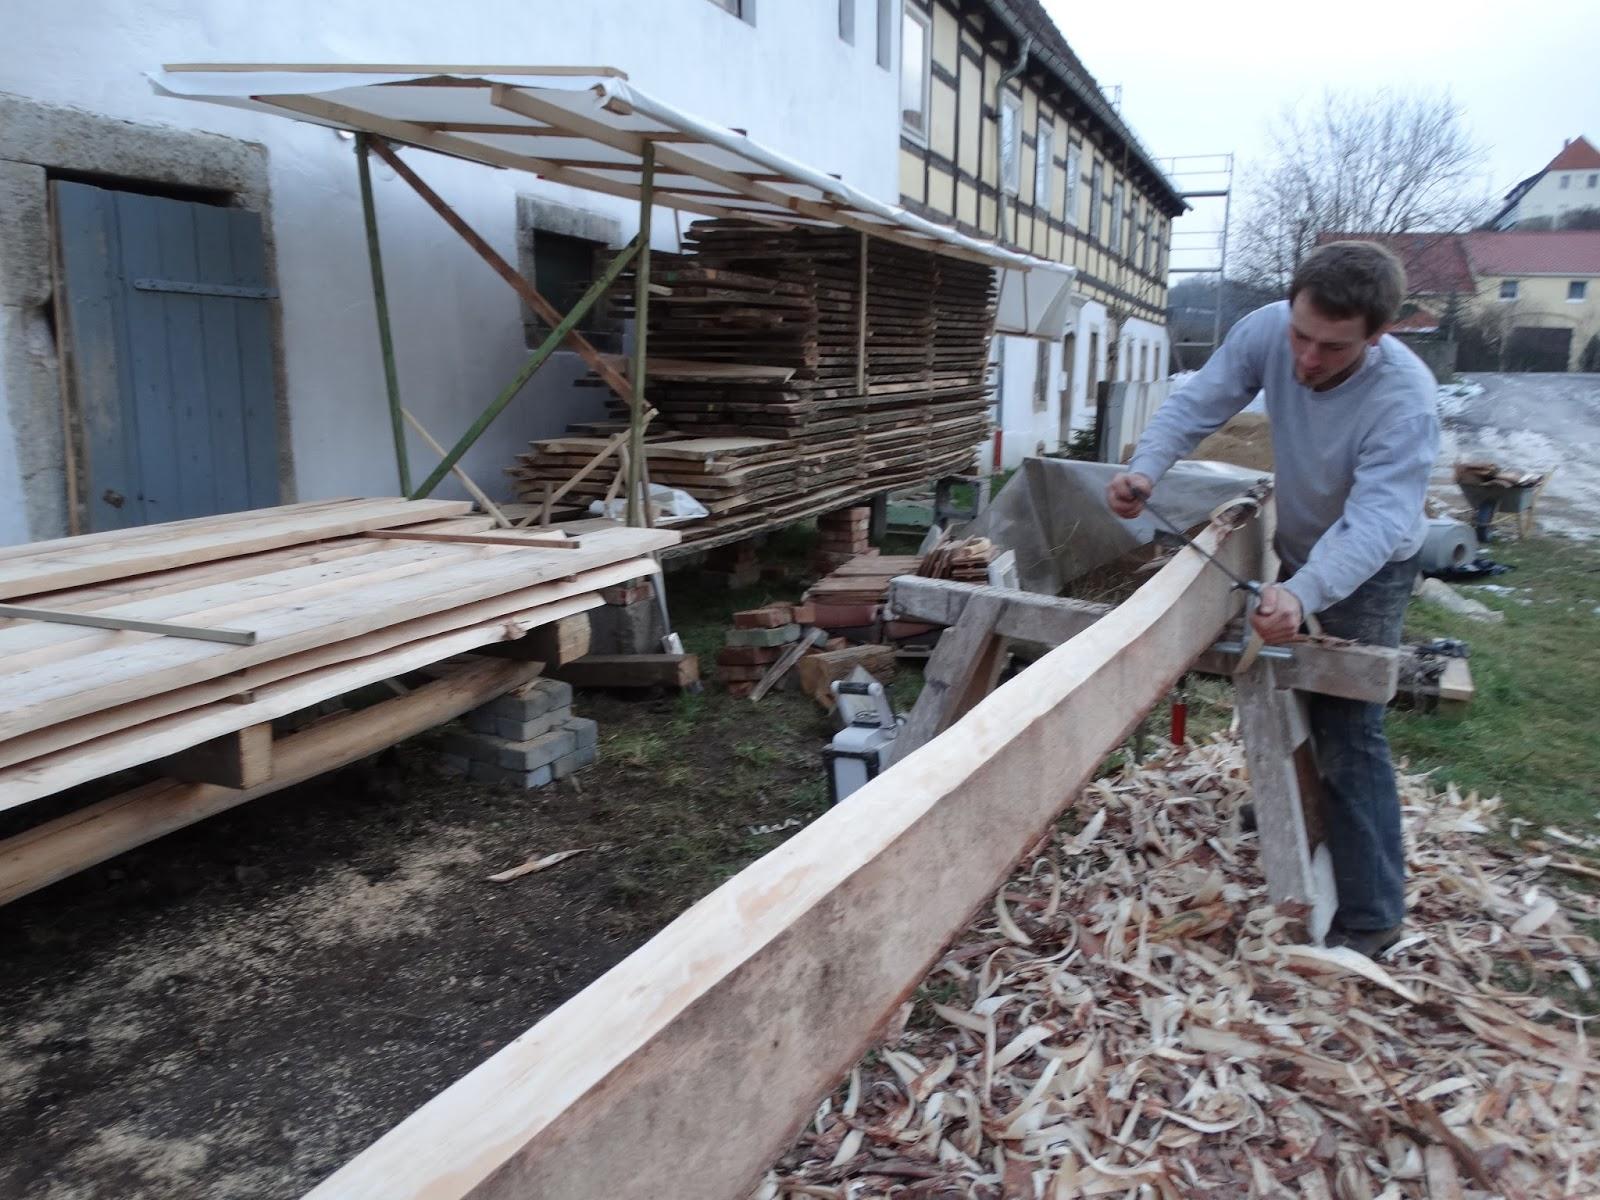 mit herz & hammer: generationenprojekt schlossdielenfußboden